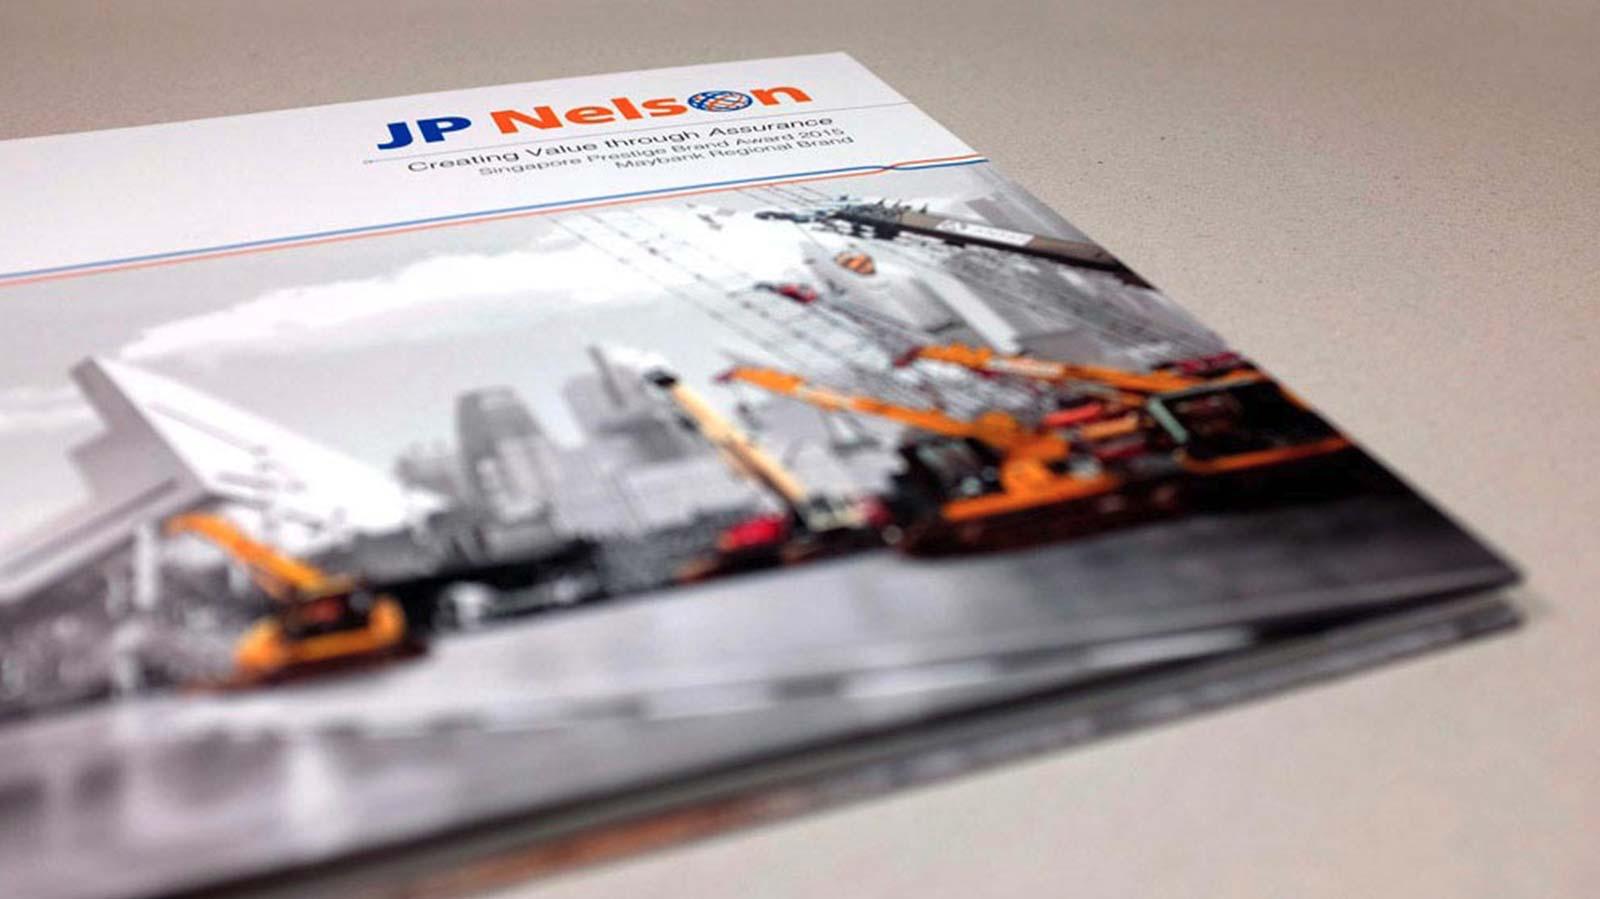 JP Nelson Brand Book 2015